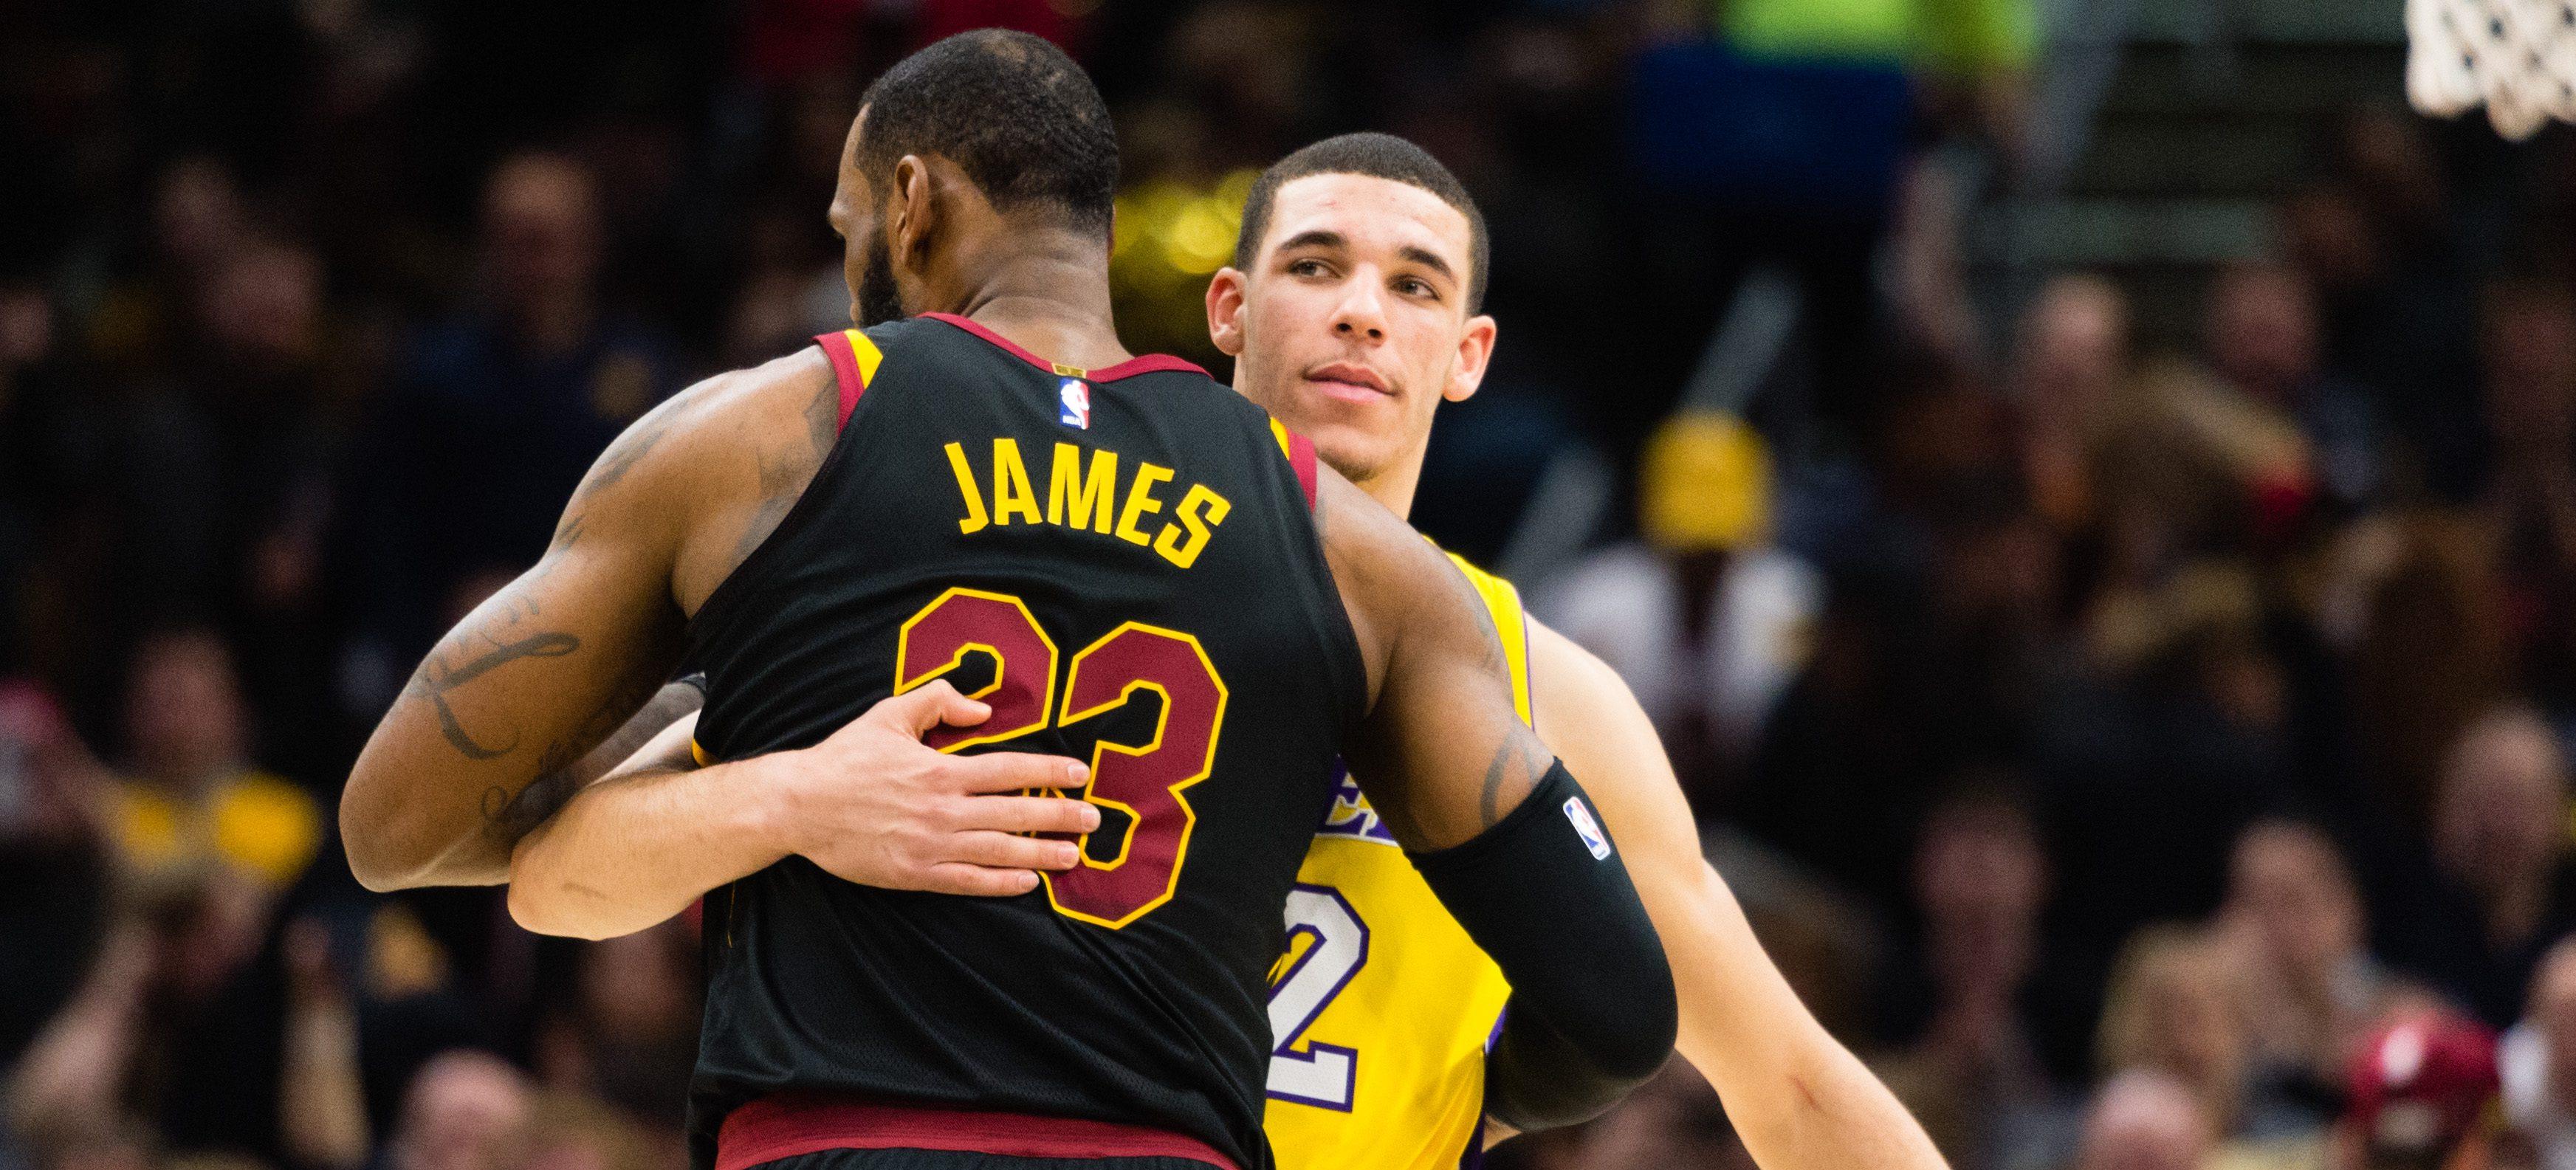 لیگ بسکتبال NBA لونزو بال